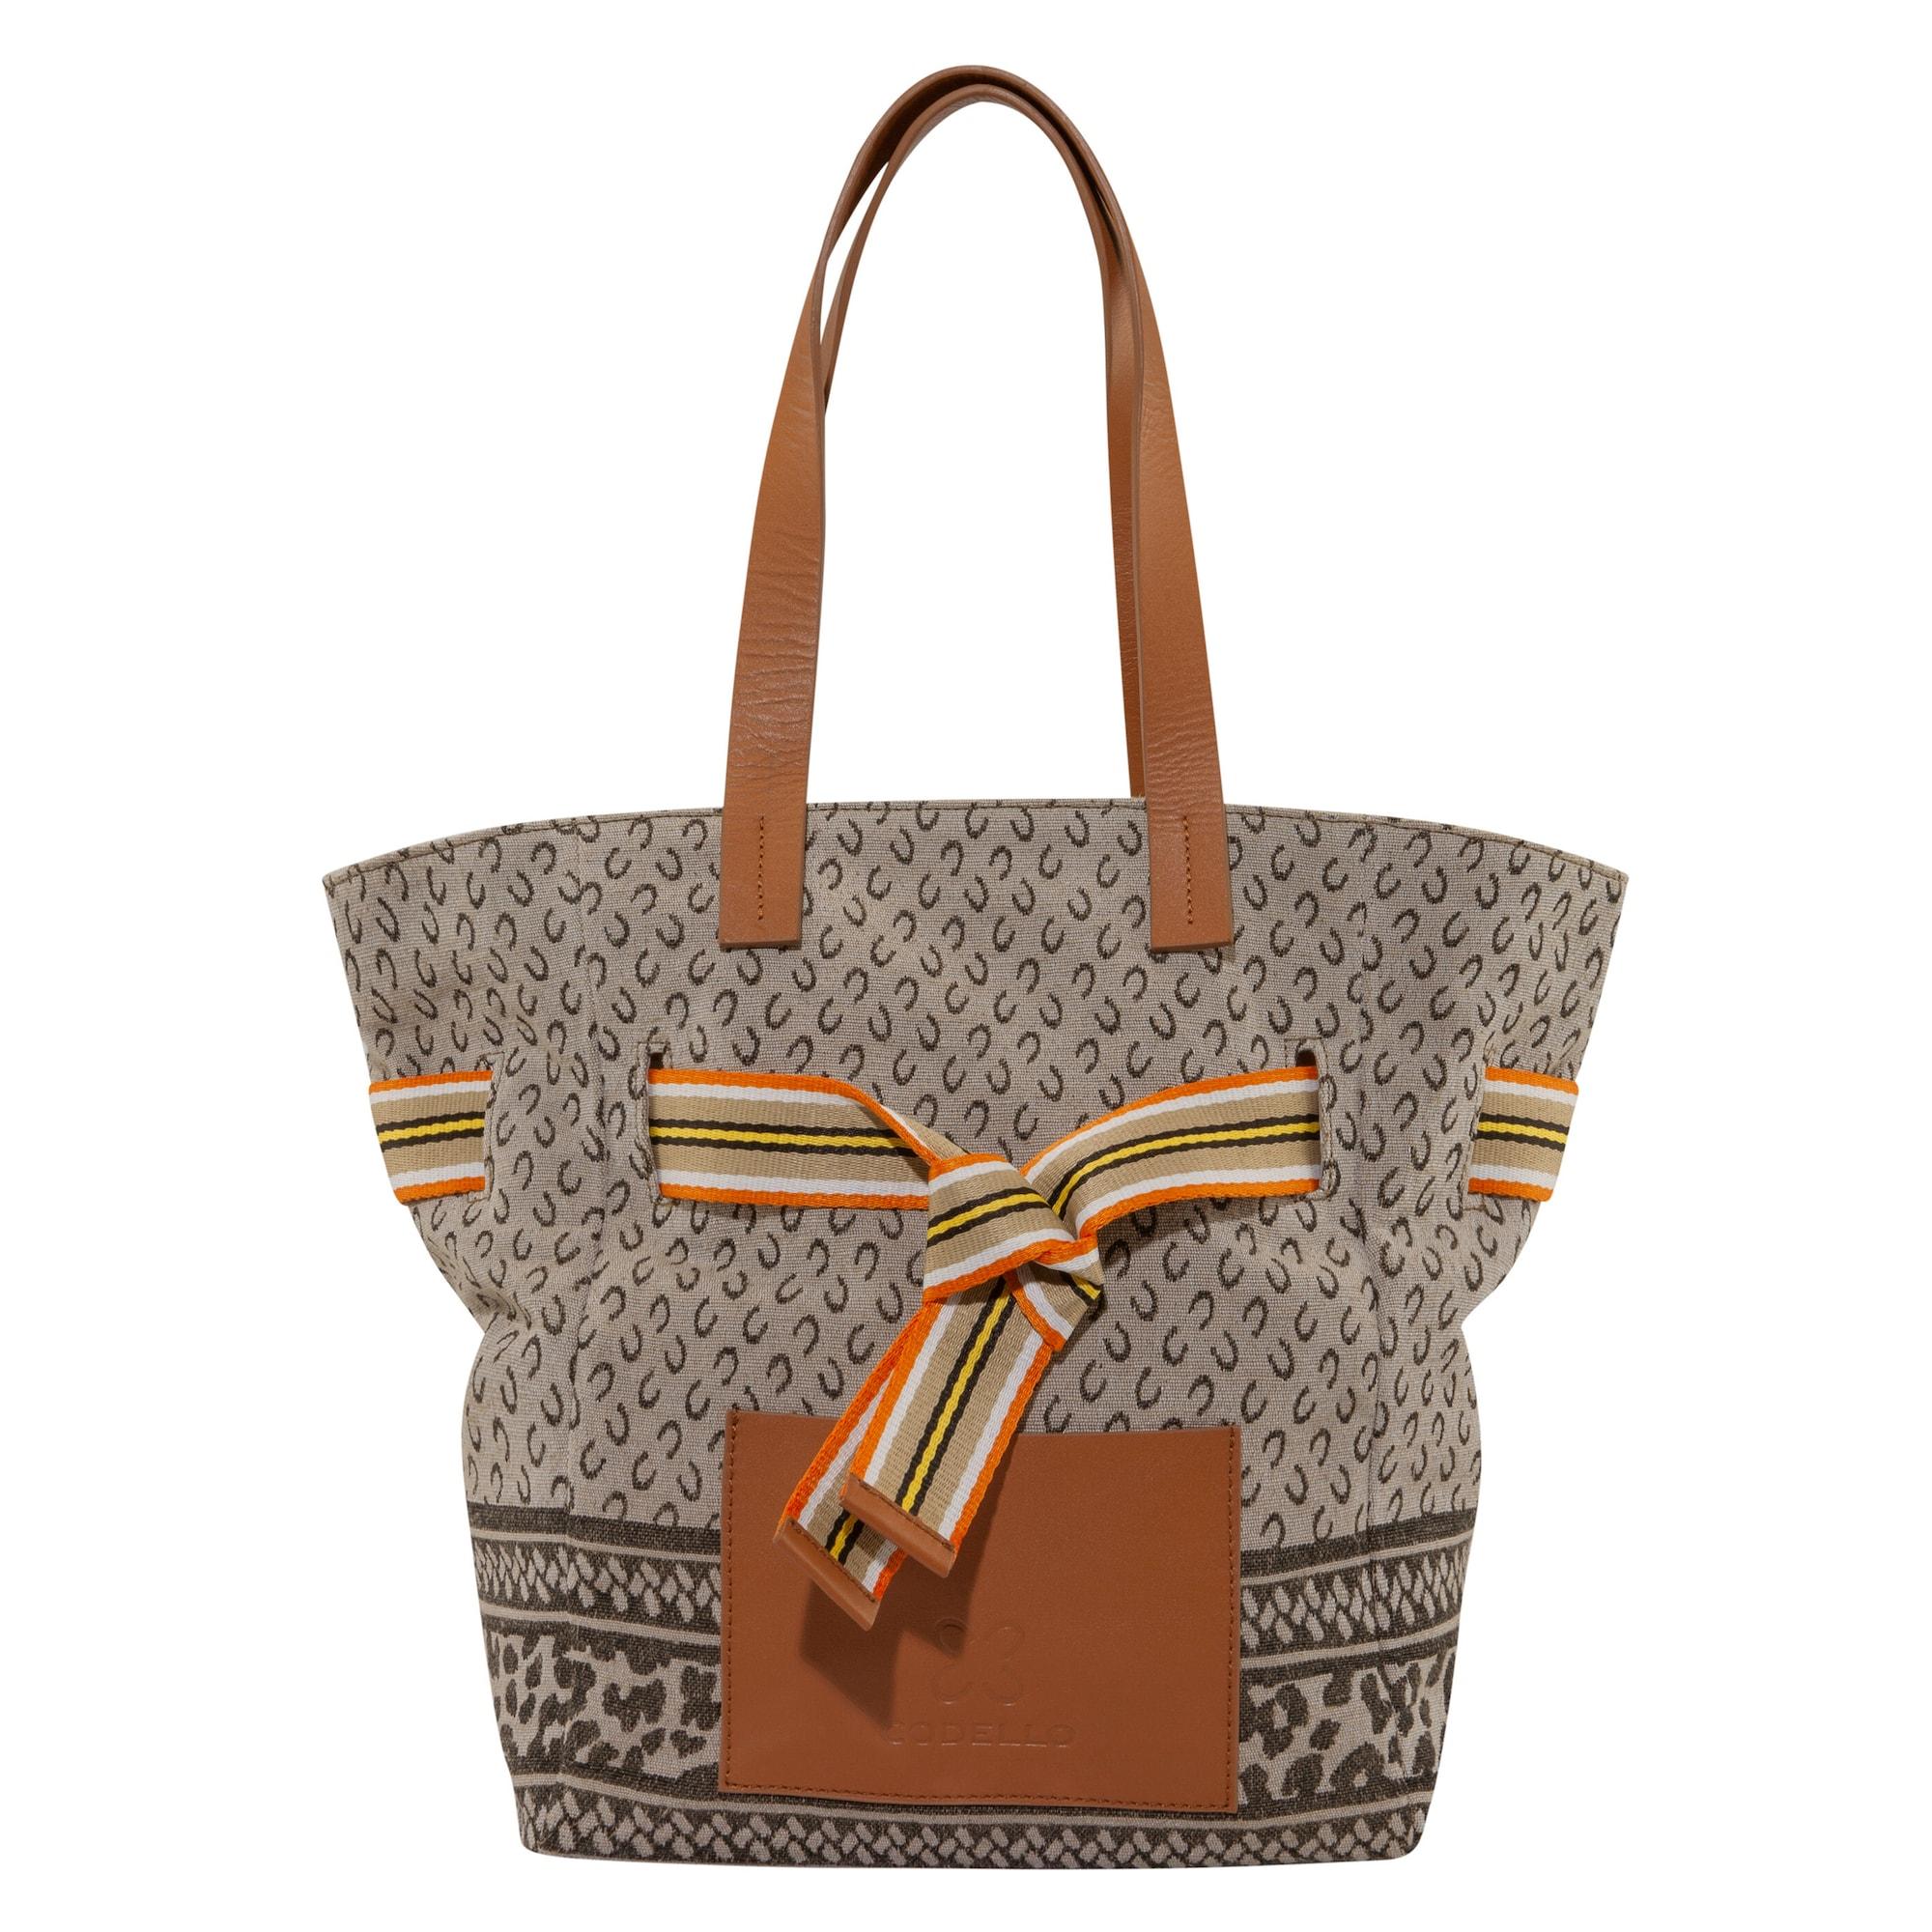 CODELLO Pirkinių krepšys smėlio spalva / juoda / ruda